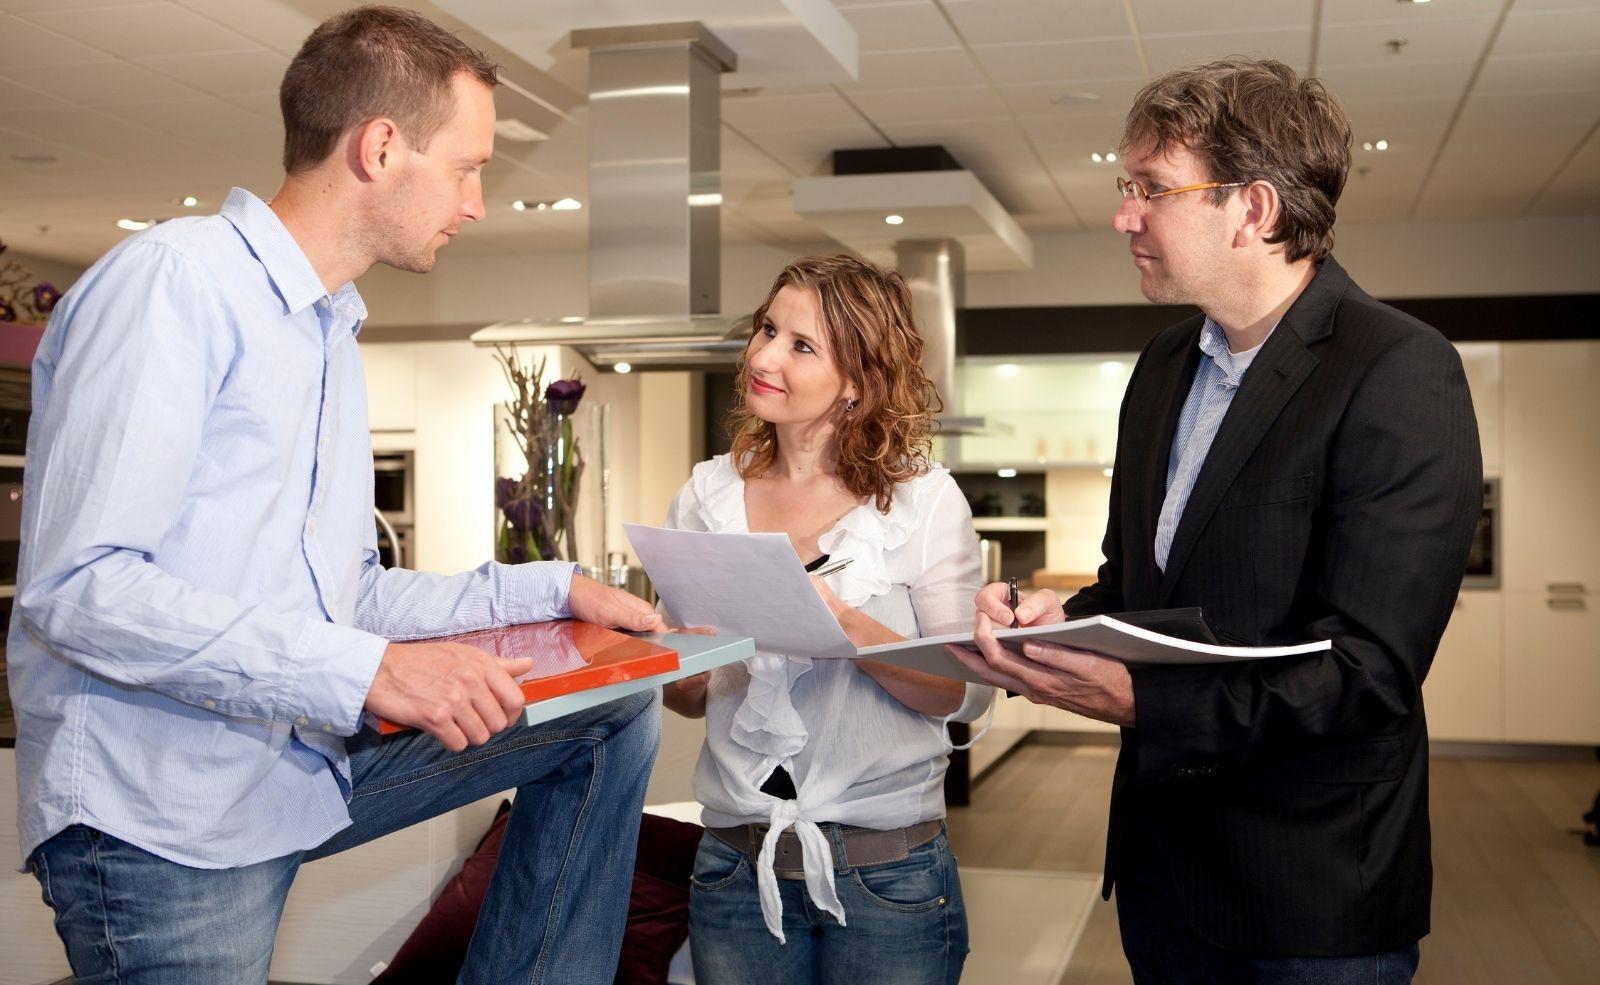 Wo Küche kaufen: Möbelhauskette, Einrichtungshaus, Küchenstudio oder Tischler?